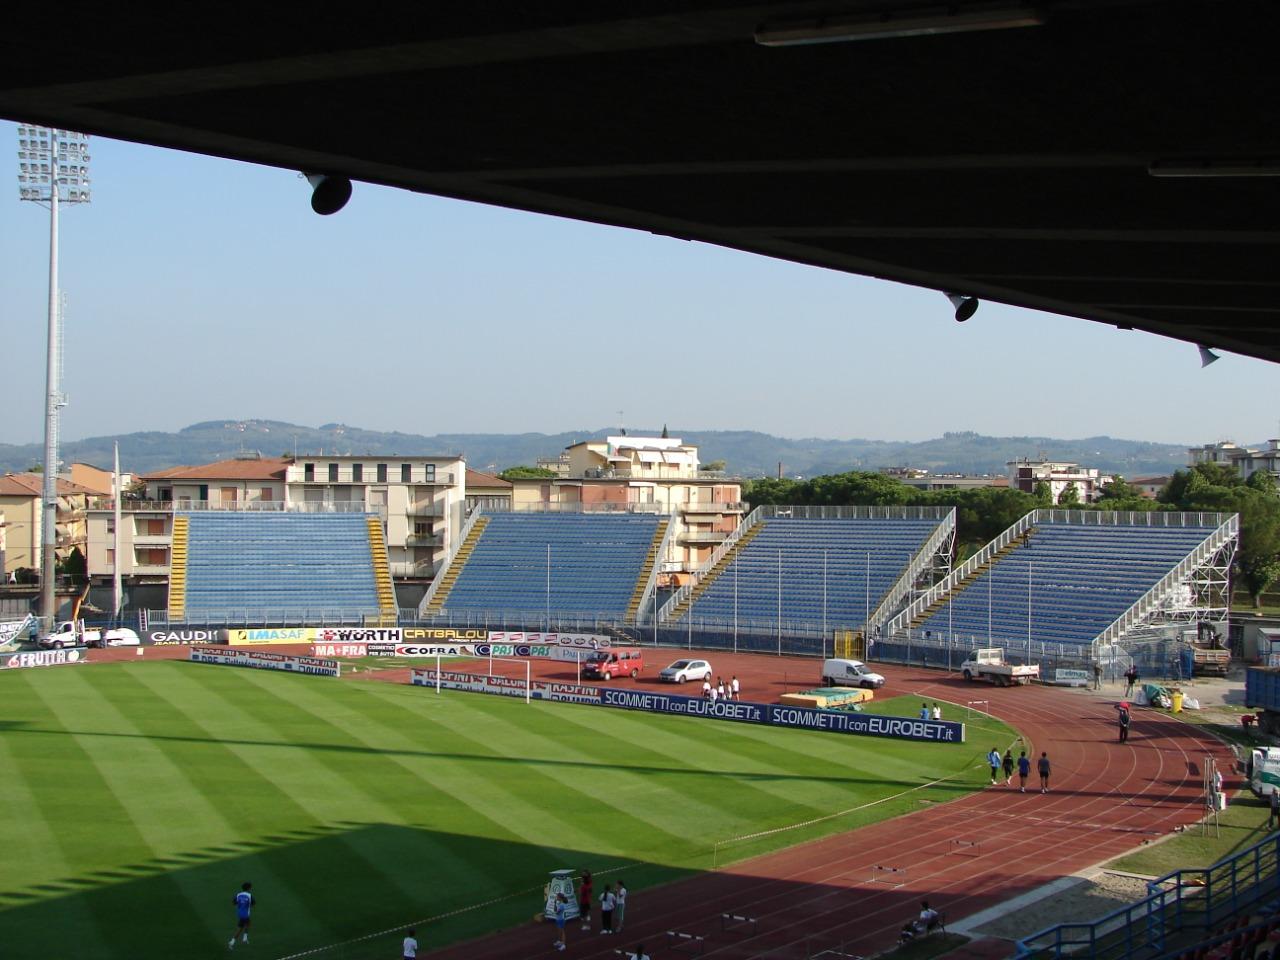 Gallery foto n.1 Struttura di sostegno - Stadio Carlo Castellani